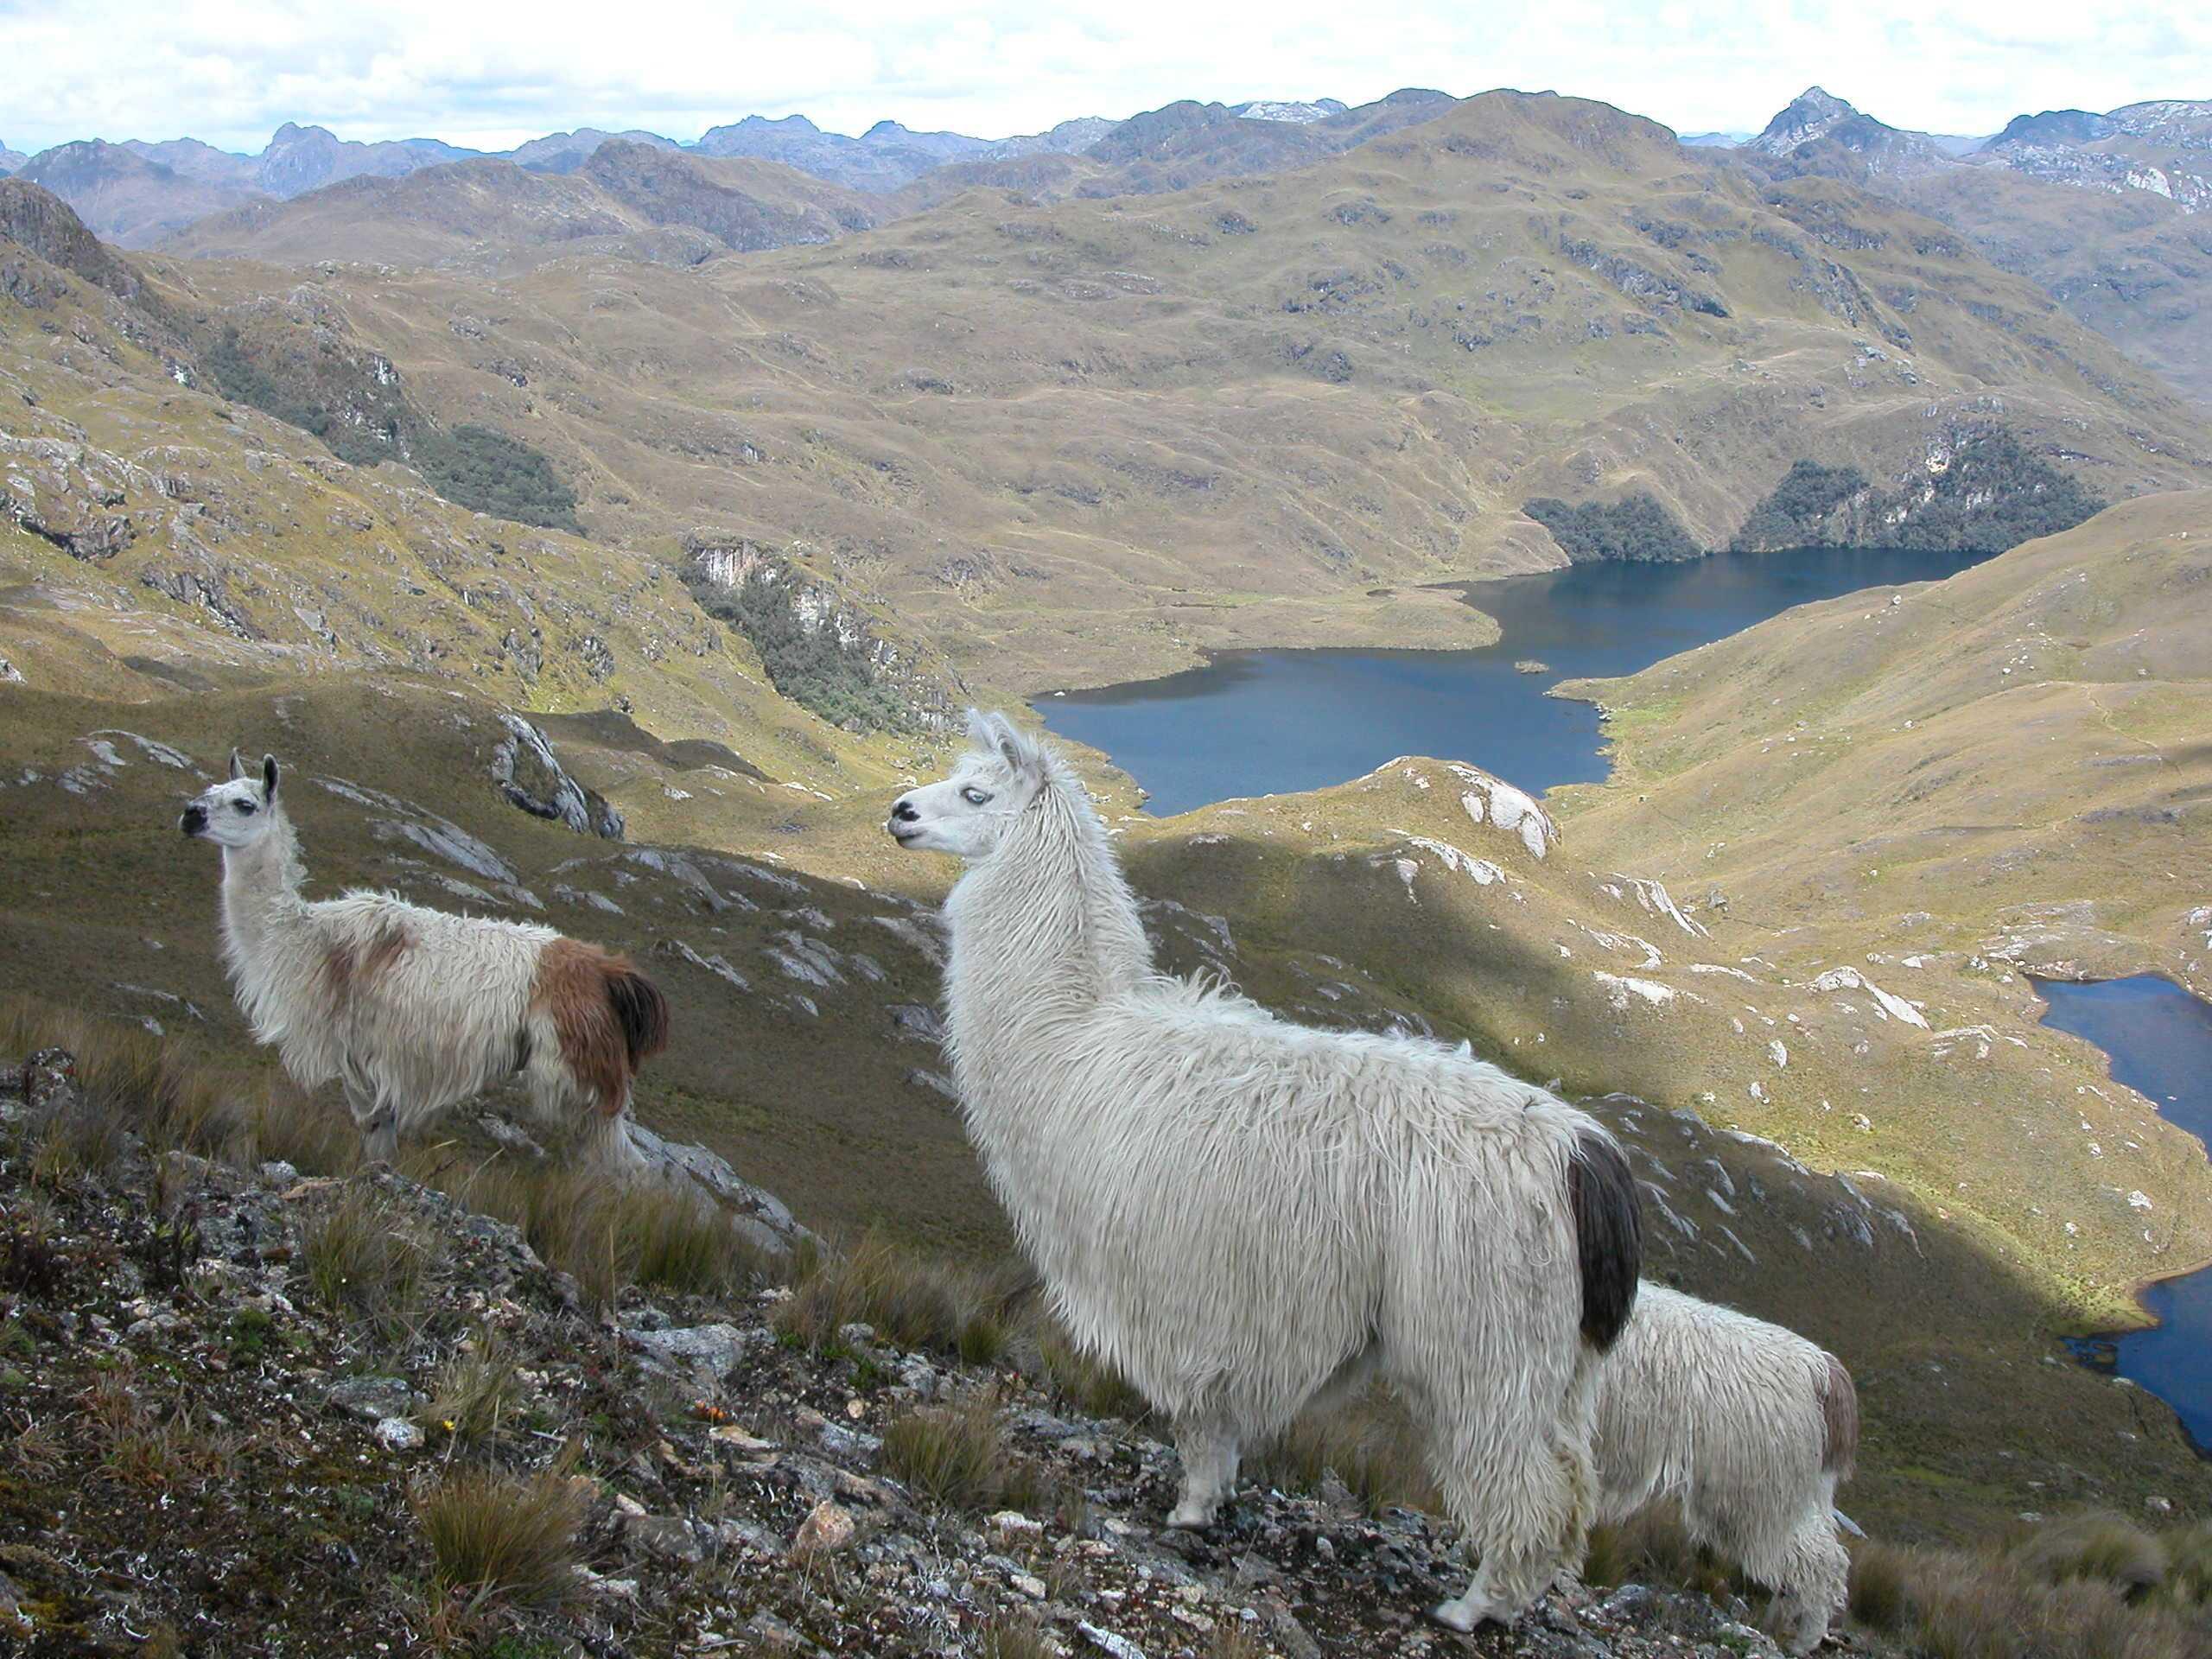 viaje-a-ecuador-llama